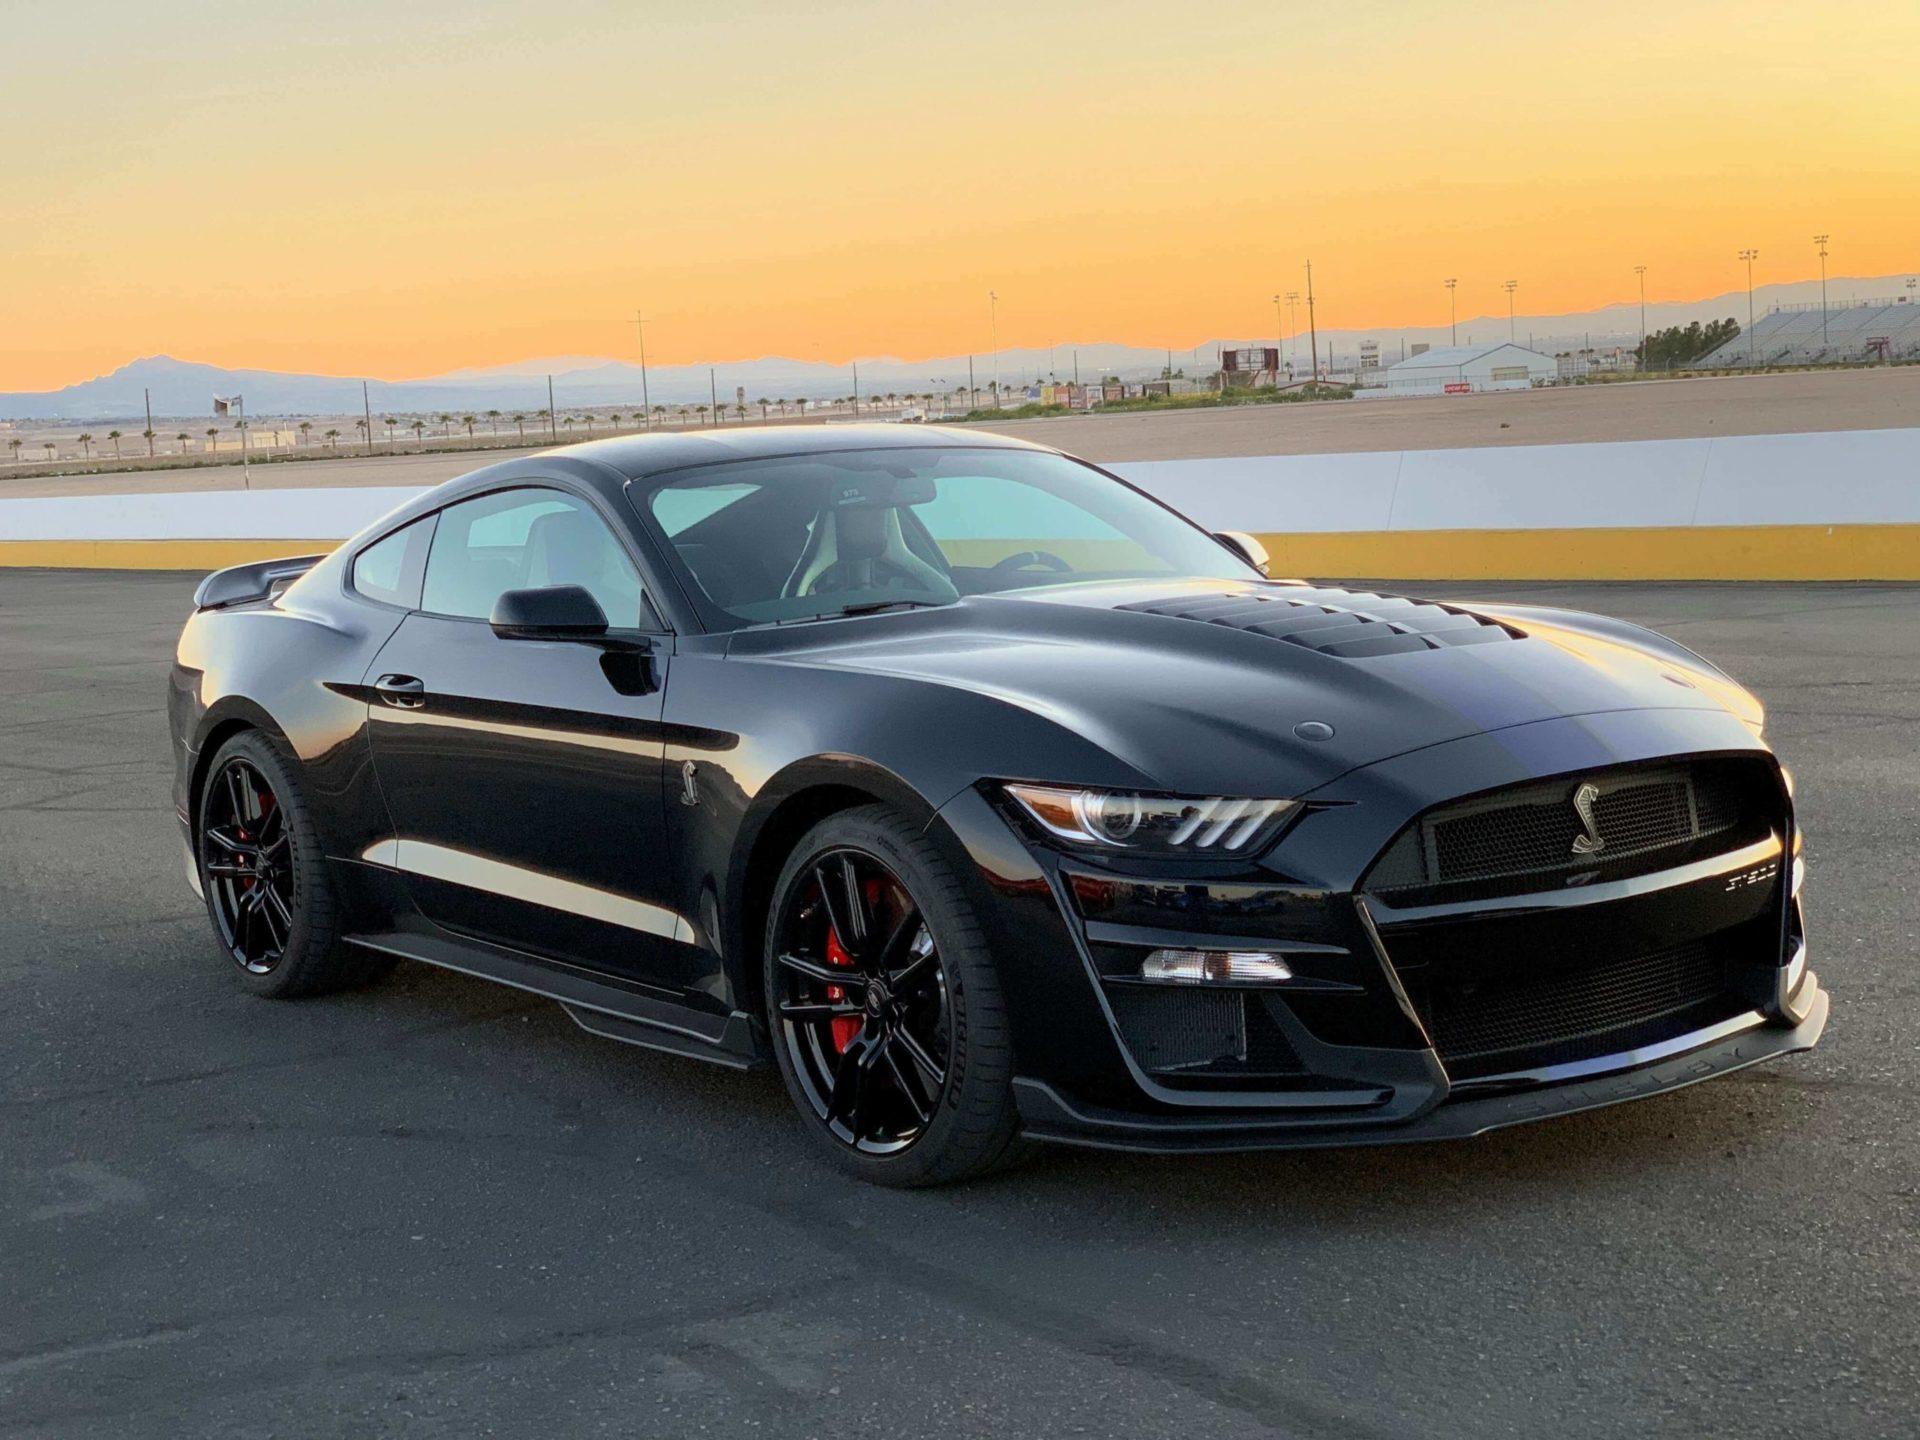 2020 GT500 Shadow Black